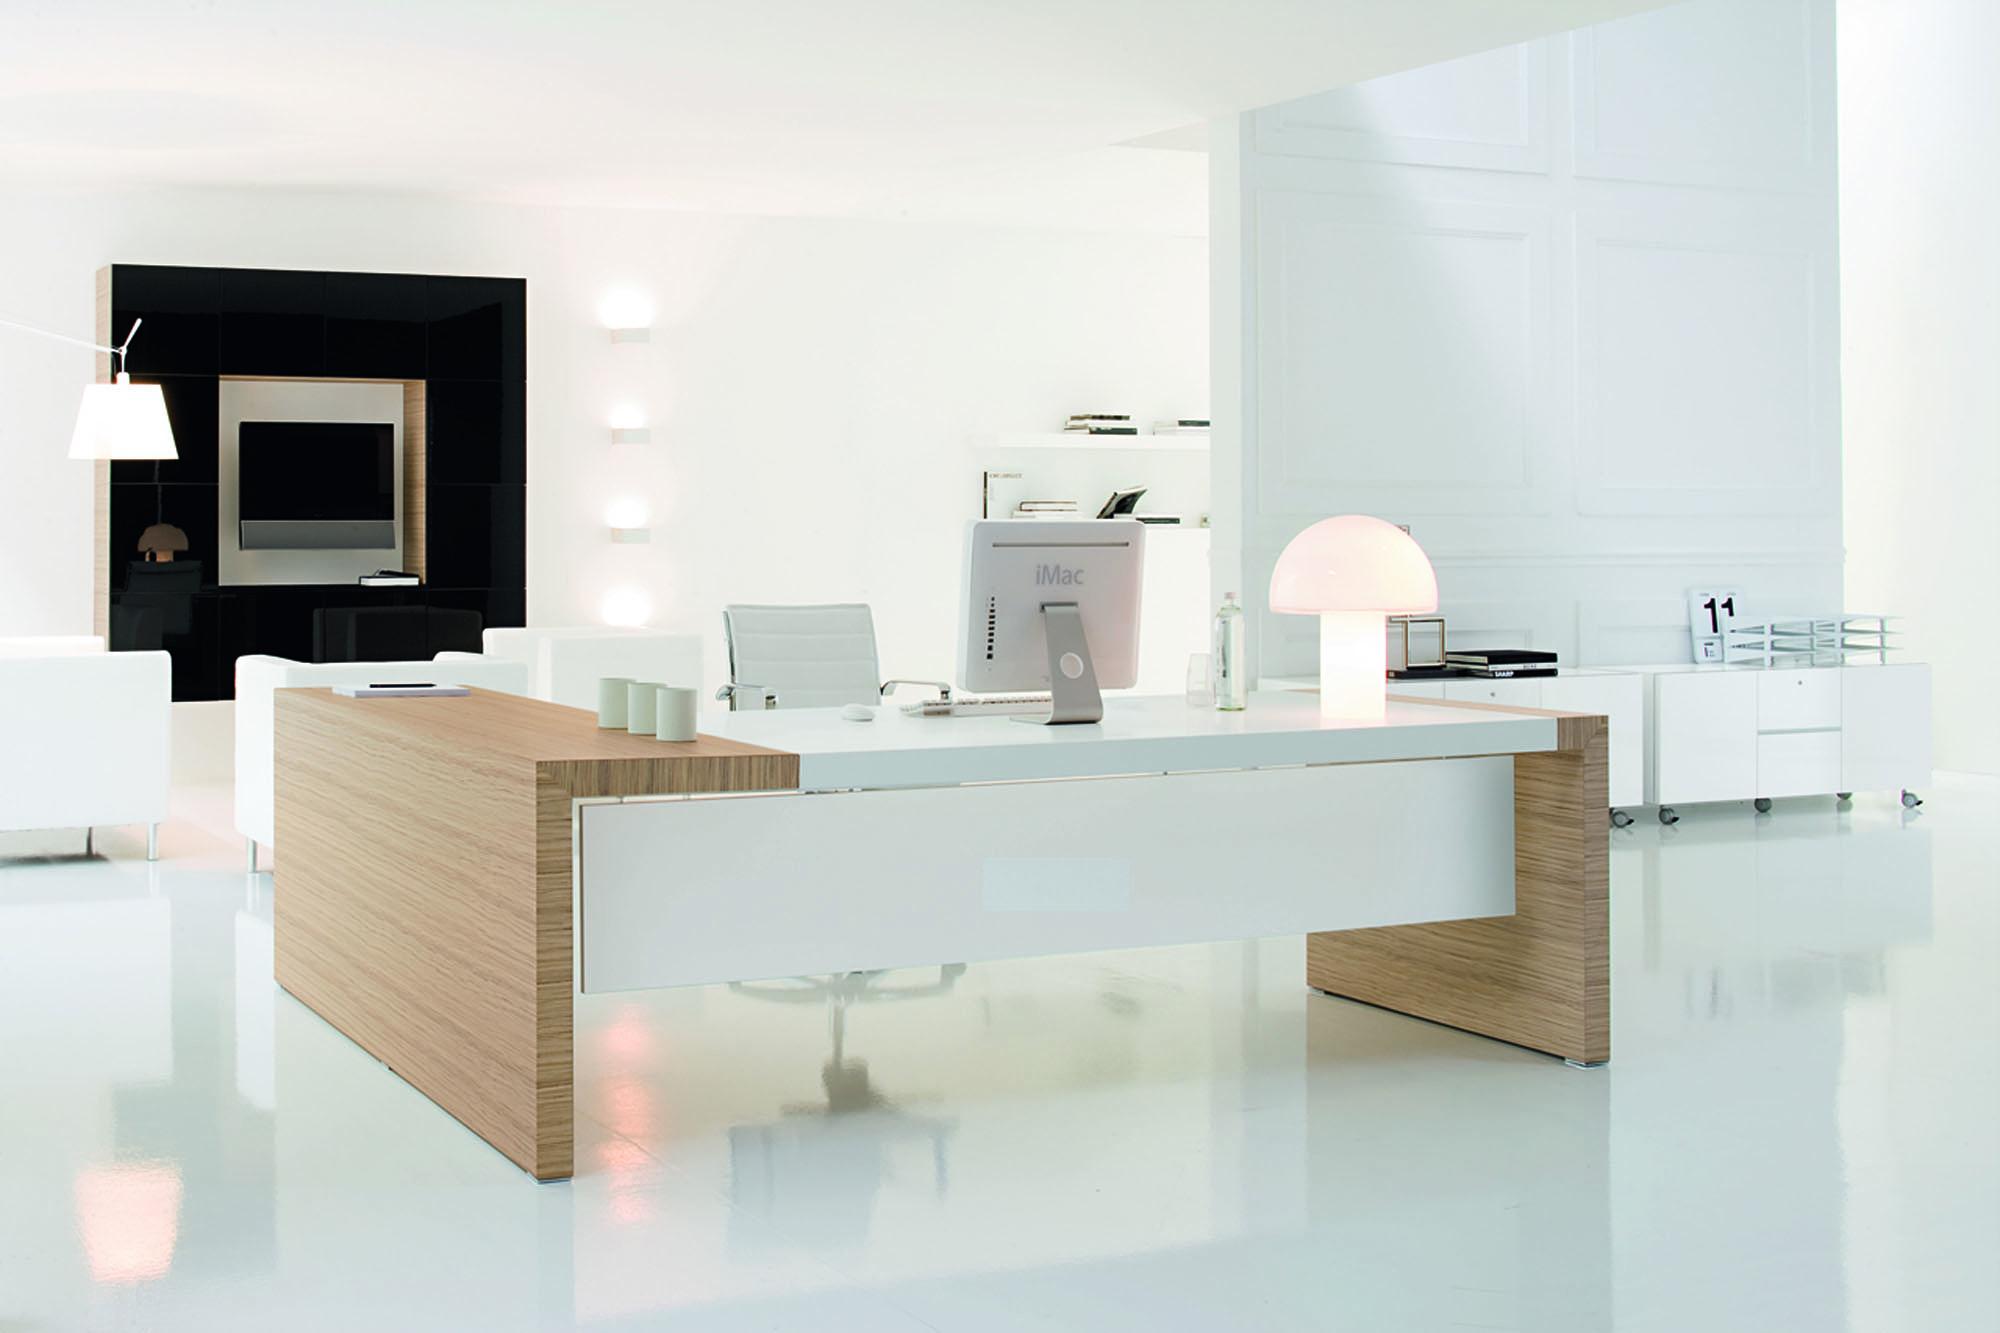 Vente mobilier de bureau montpellier 34 n mes 30 s te for Vente mobilier de bureau